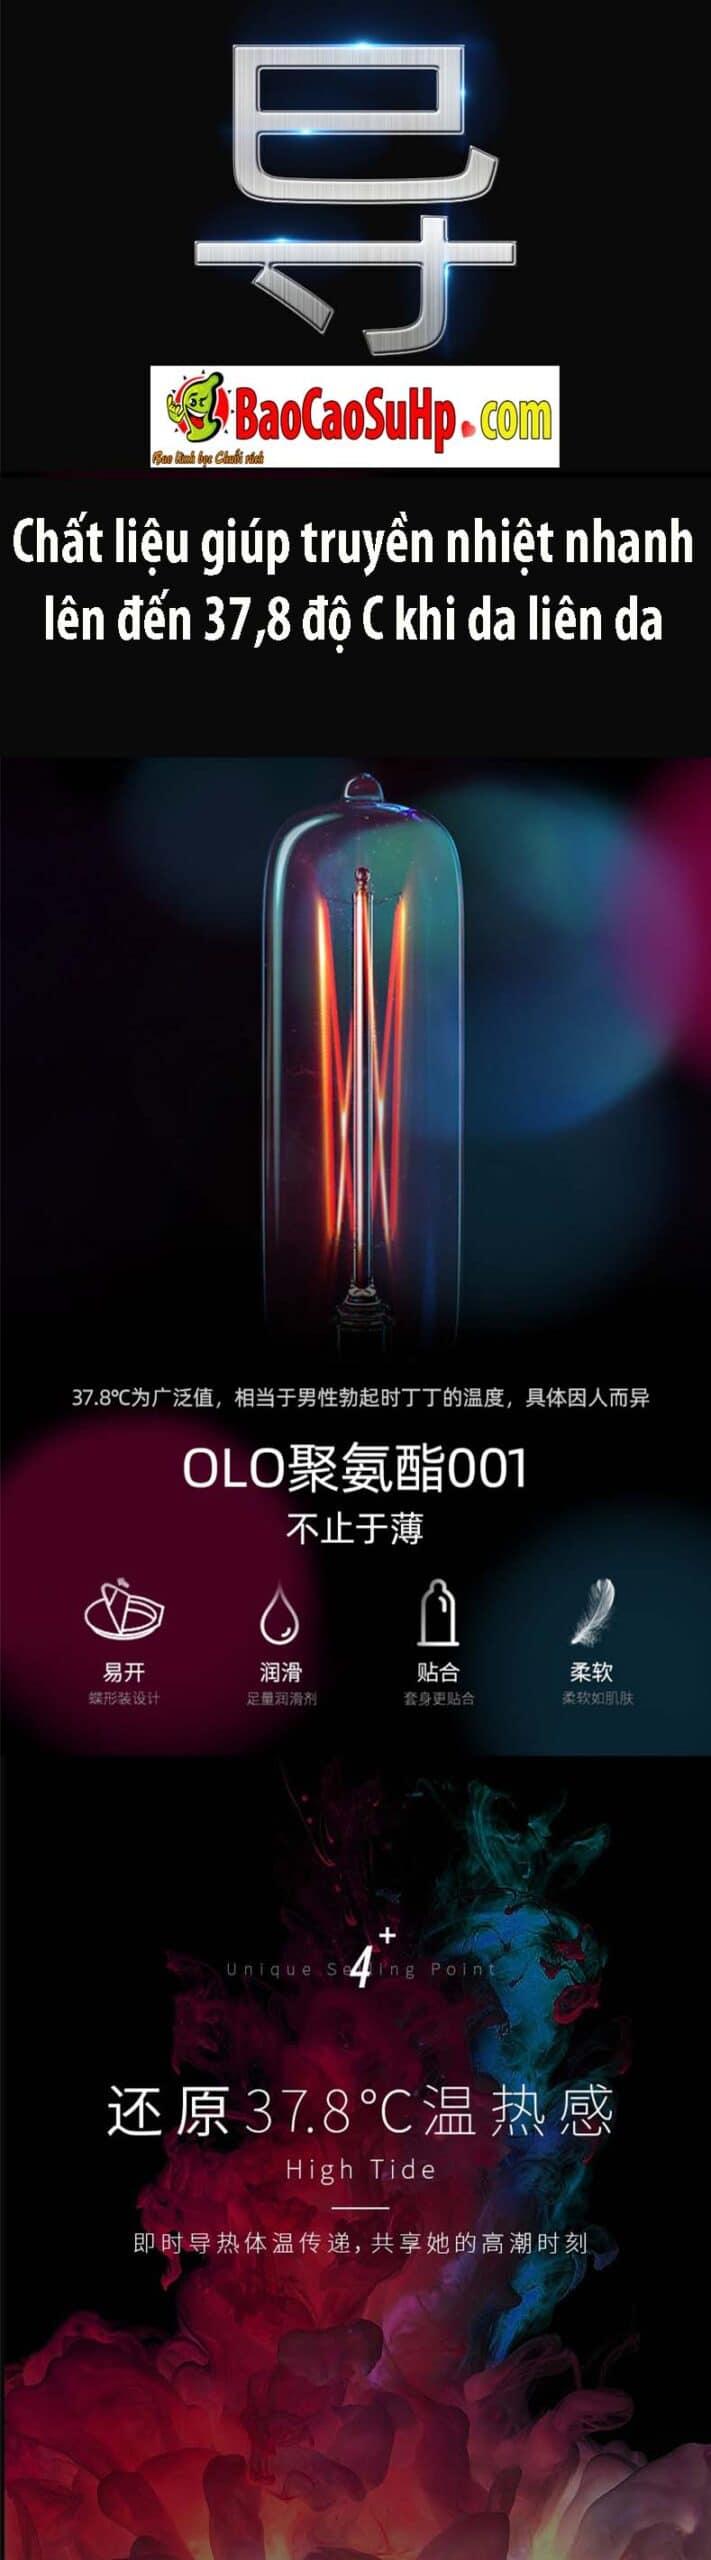 Bao cao su polyurethane 001 Olo 9 scaled - Bao cao su Prenium siêu mỏng  polyurethane 0,01 Olo